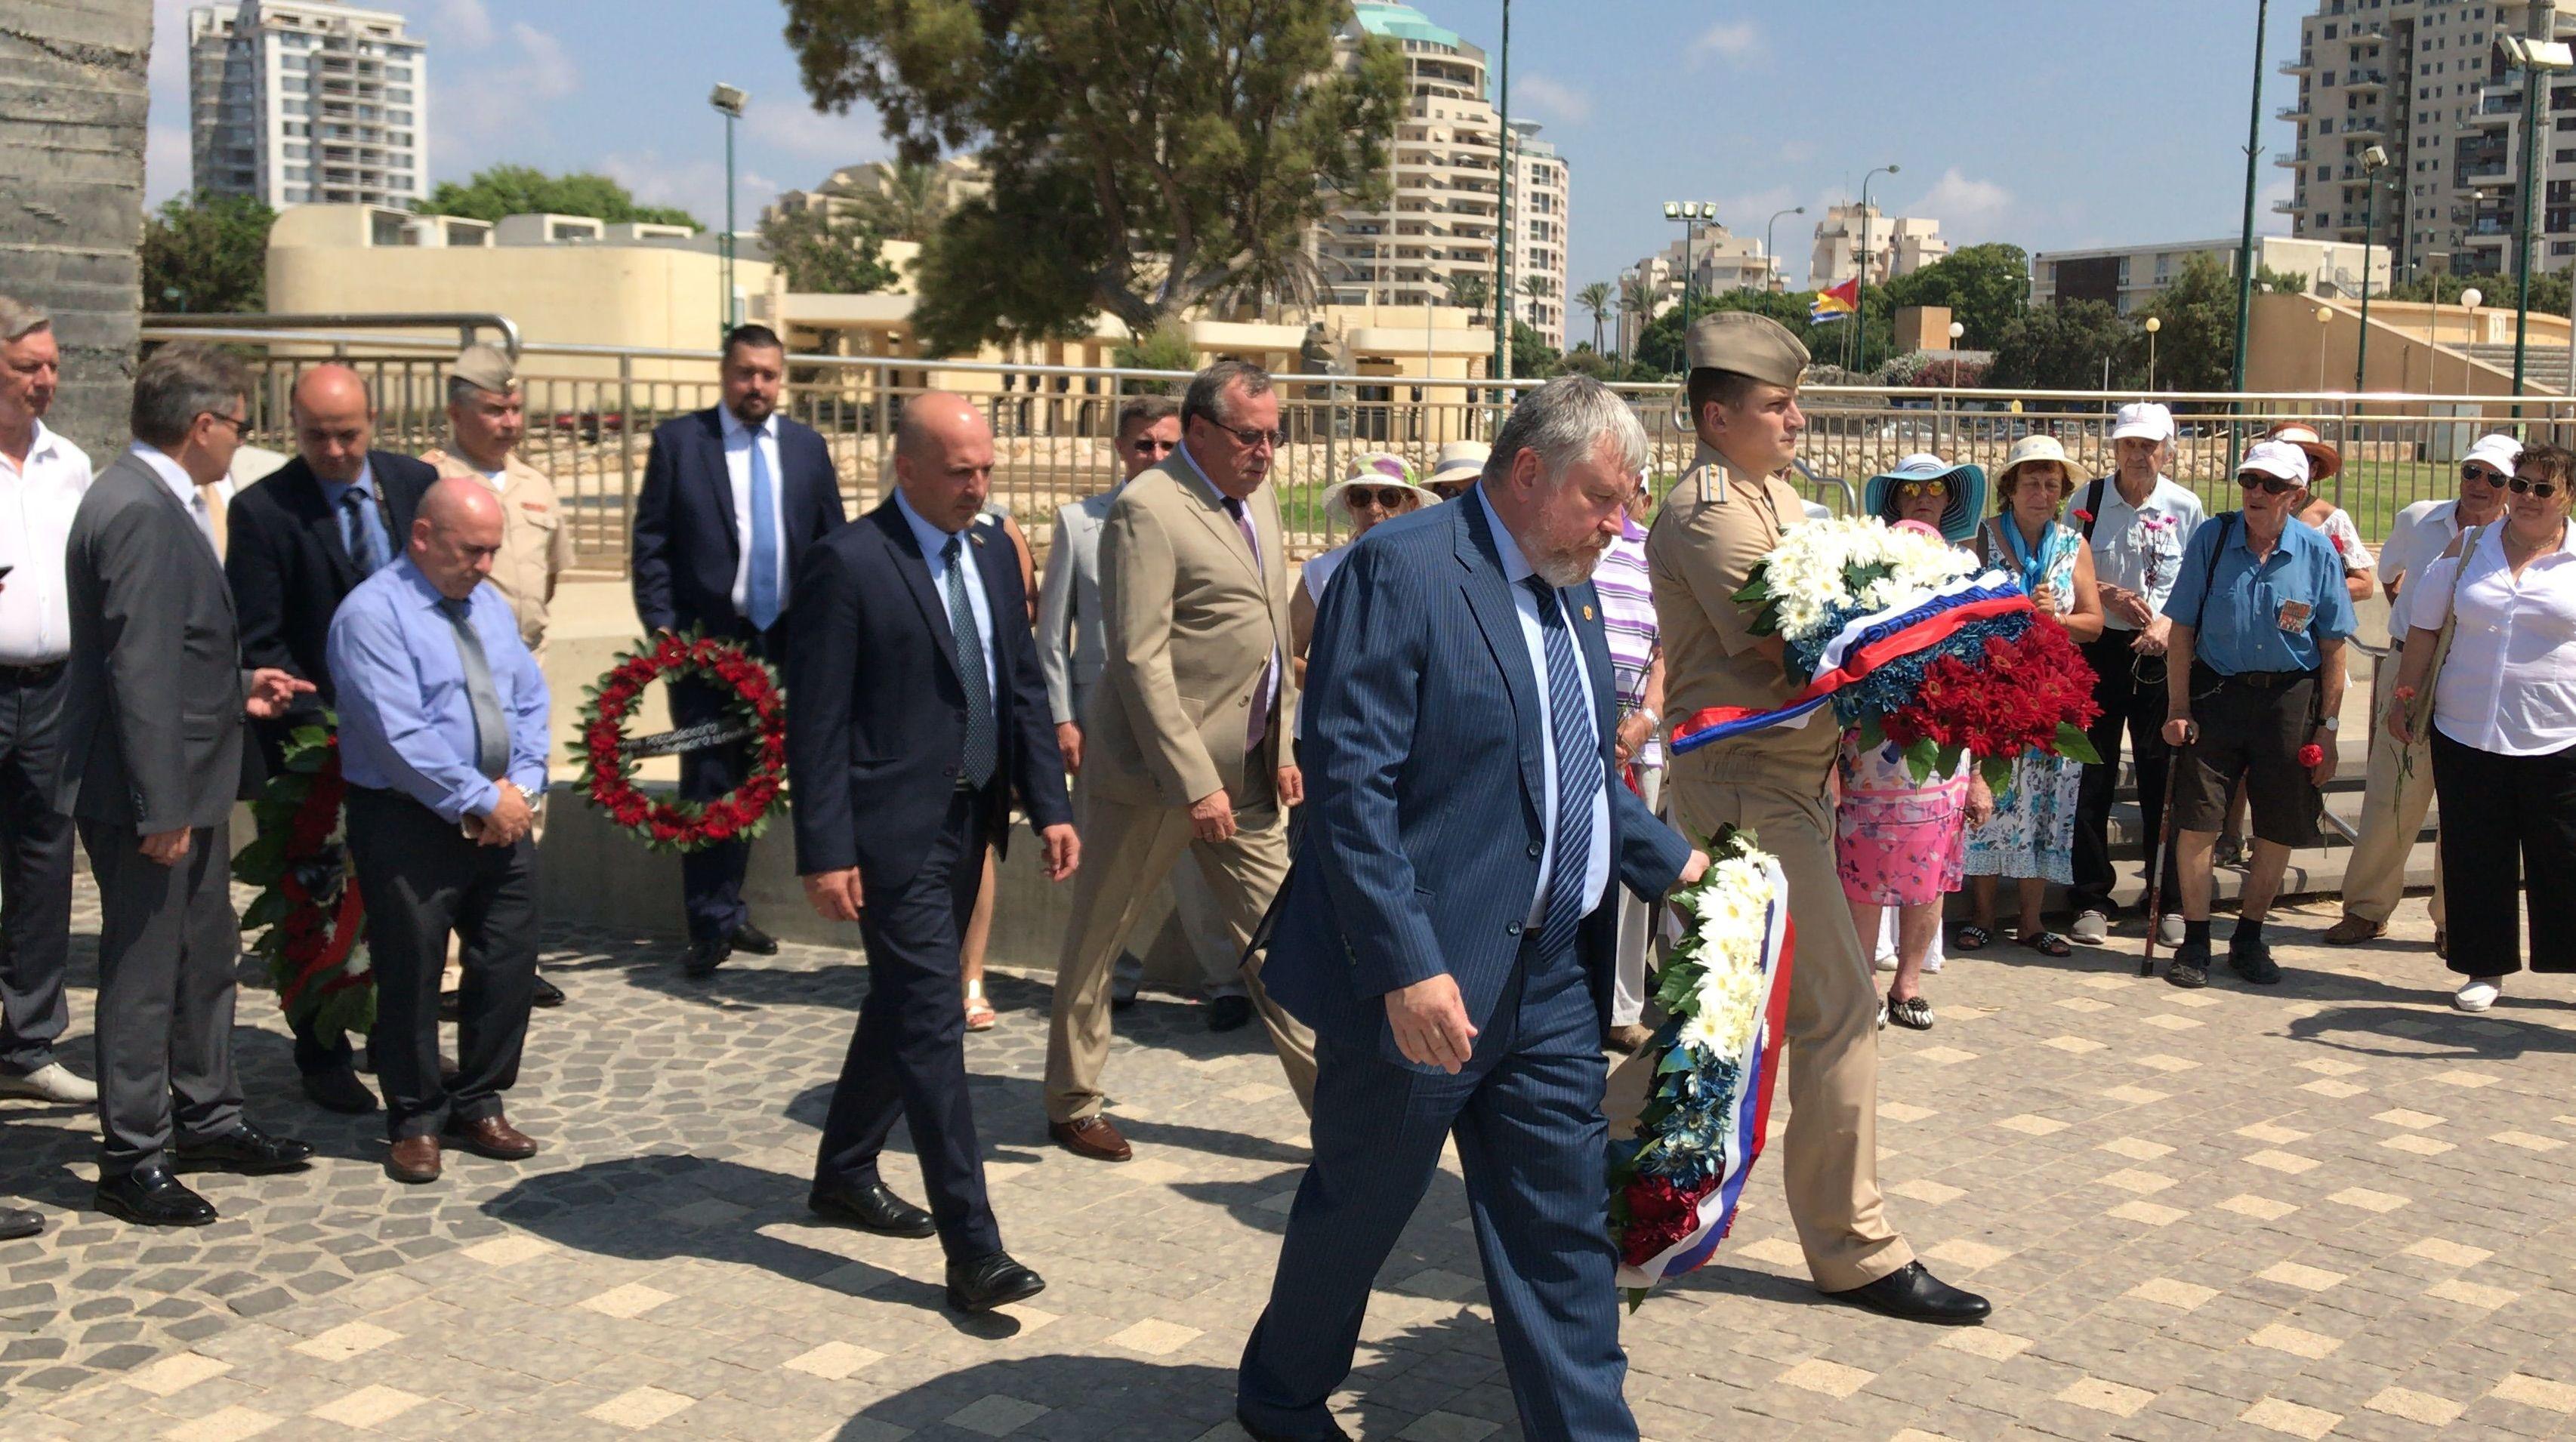 """Uczestnicy forum """"Przestrzeń Pamięci"""" złożyli wieńce pod pomnikiem """"Skrzydła"""", aby upamiętnić Zwycięstwo Armii Czerwonej nad nazistowskimi Niemcami w miejscowości Netanja."""